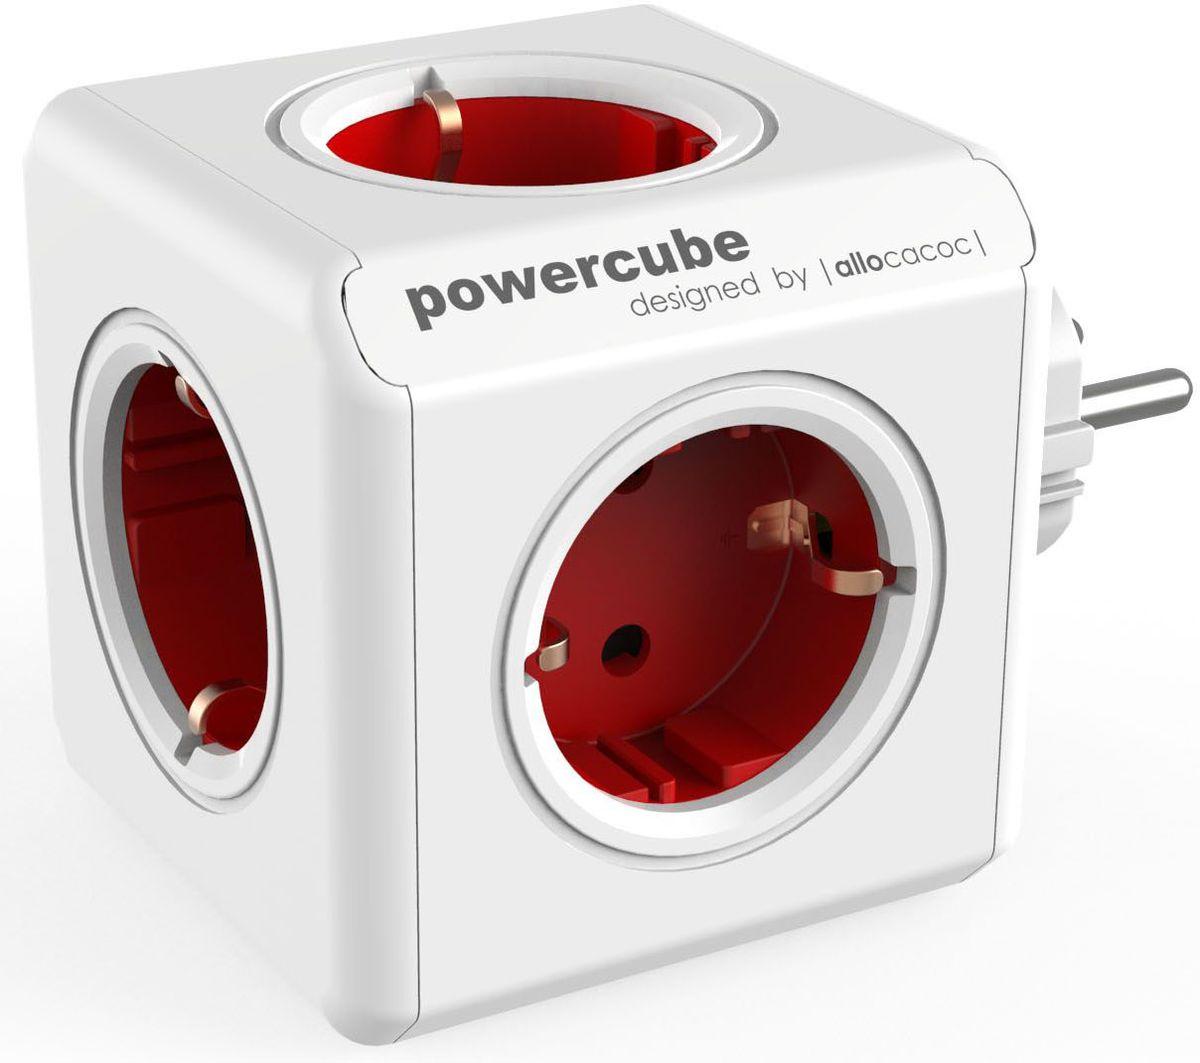 Allocacoc PowerCube Original, Red сетевой разветвитель1100RD/DEORPCЭто первоначальная концепция Allocacoc PowerCube Original, включающая 5 розеток питания. Благодаря конструкции PowerCube, адаптеры не блокируют друг друга. Находясь в офисе, дома, на совещании или еще где-нибудь, бывает трудно найти свободную розетку для зарядки ноутбука или мобильного телефона.PowerCube решил эту проблему: количество розеток можно расширить, что позволит монтировать индивидуальный источник питания в пределах досягаемости.